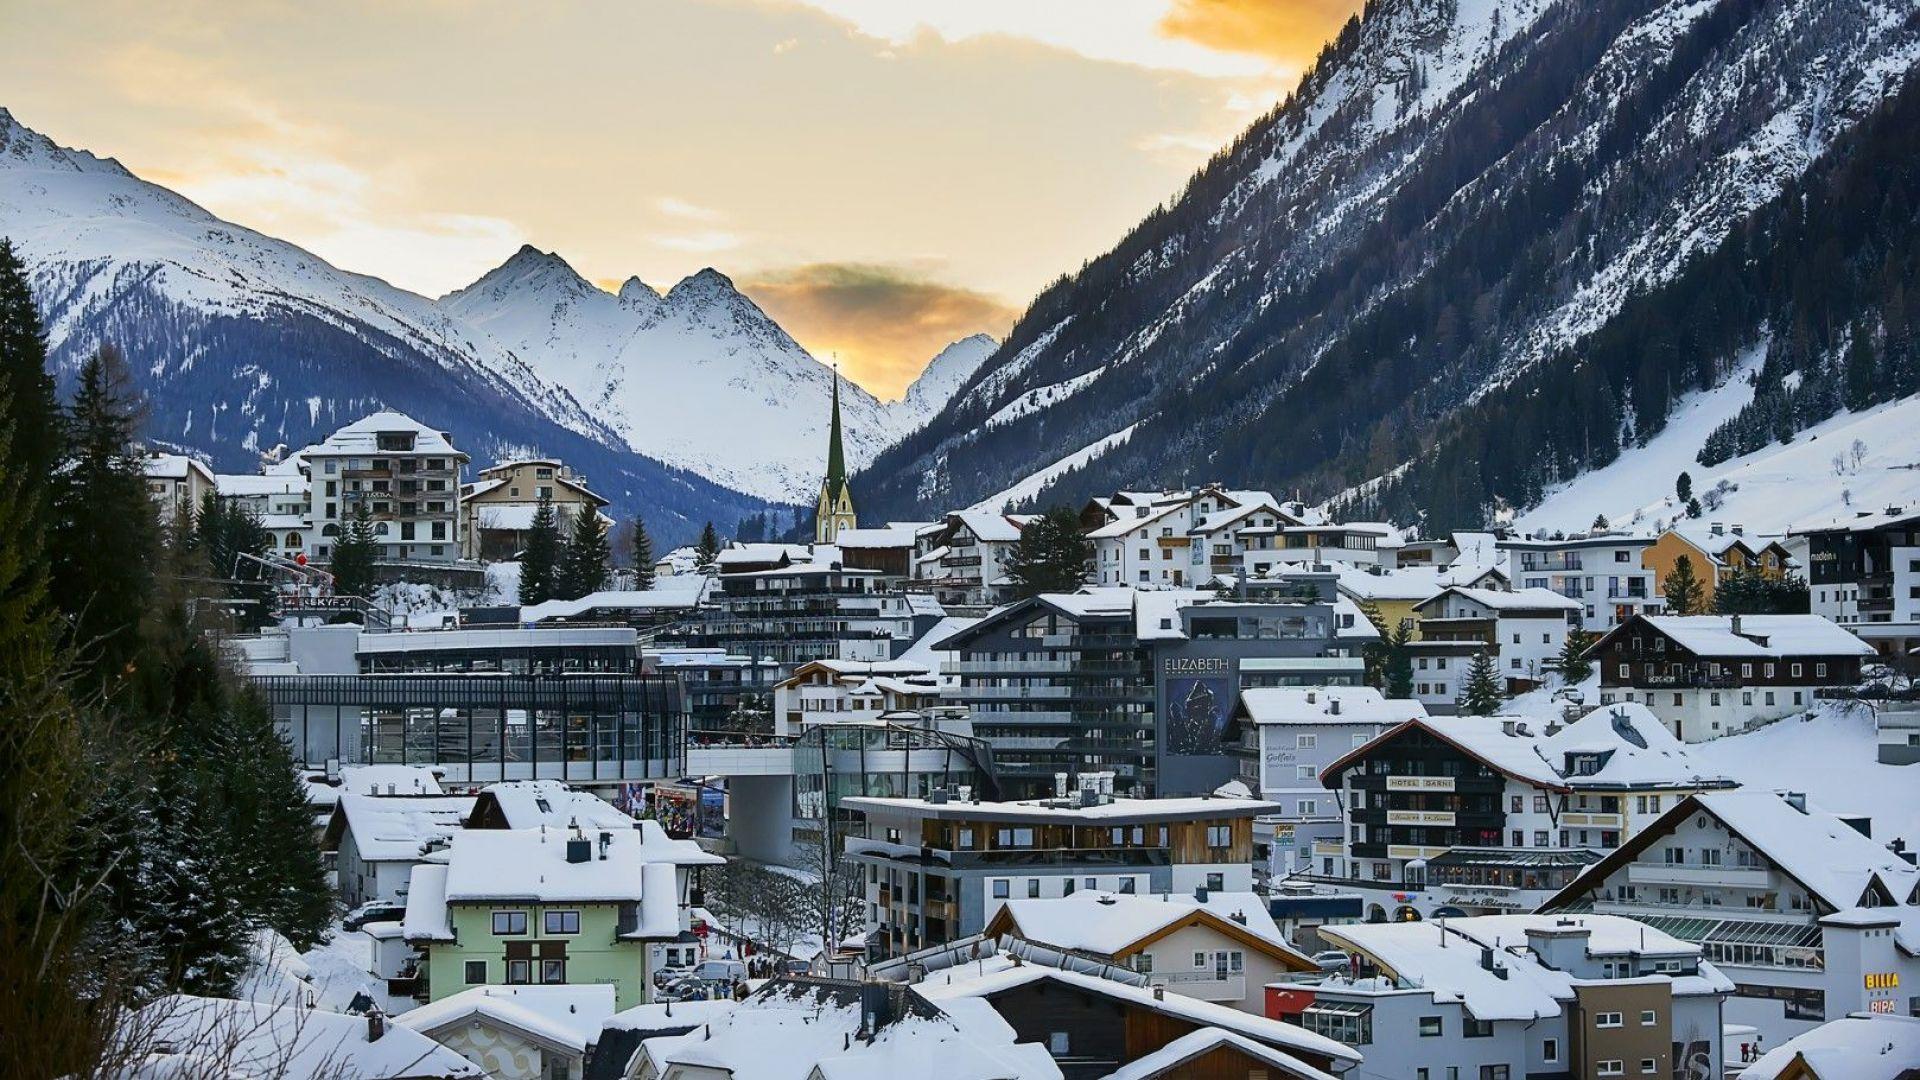 Препятствията пред ски бранша в Европа: как се отразява коронавирусът